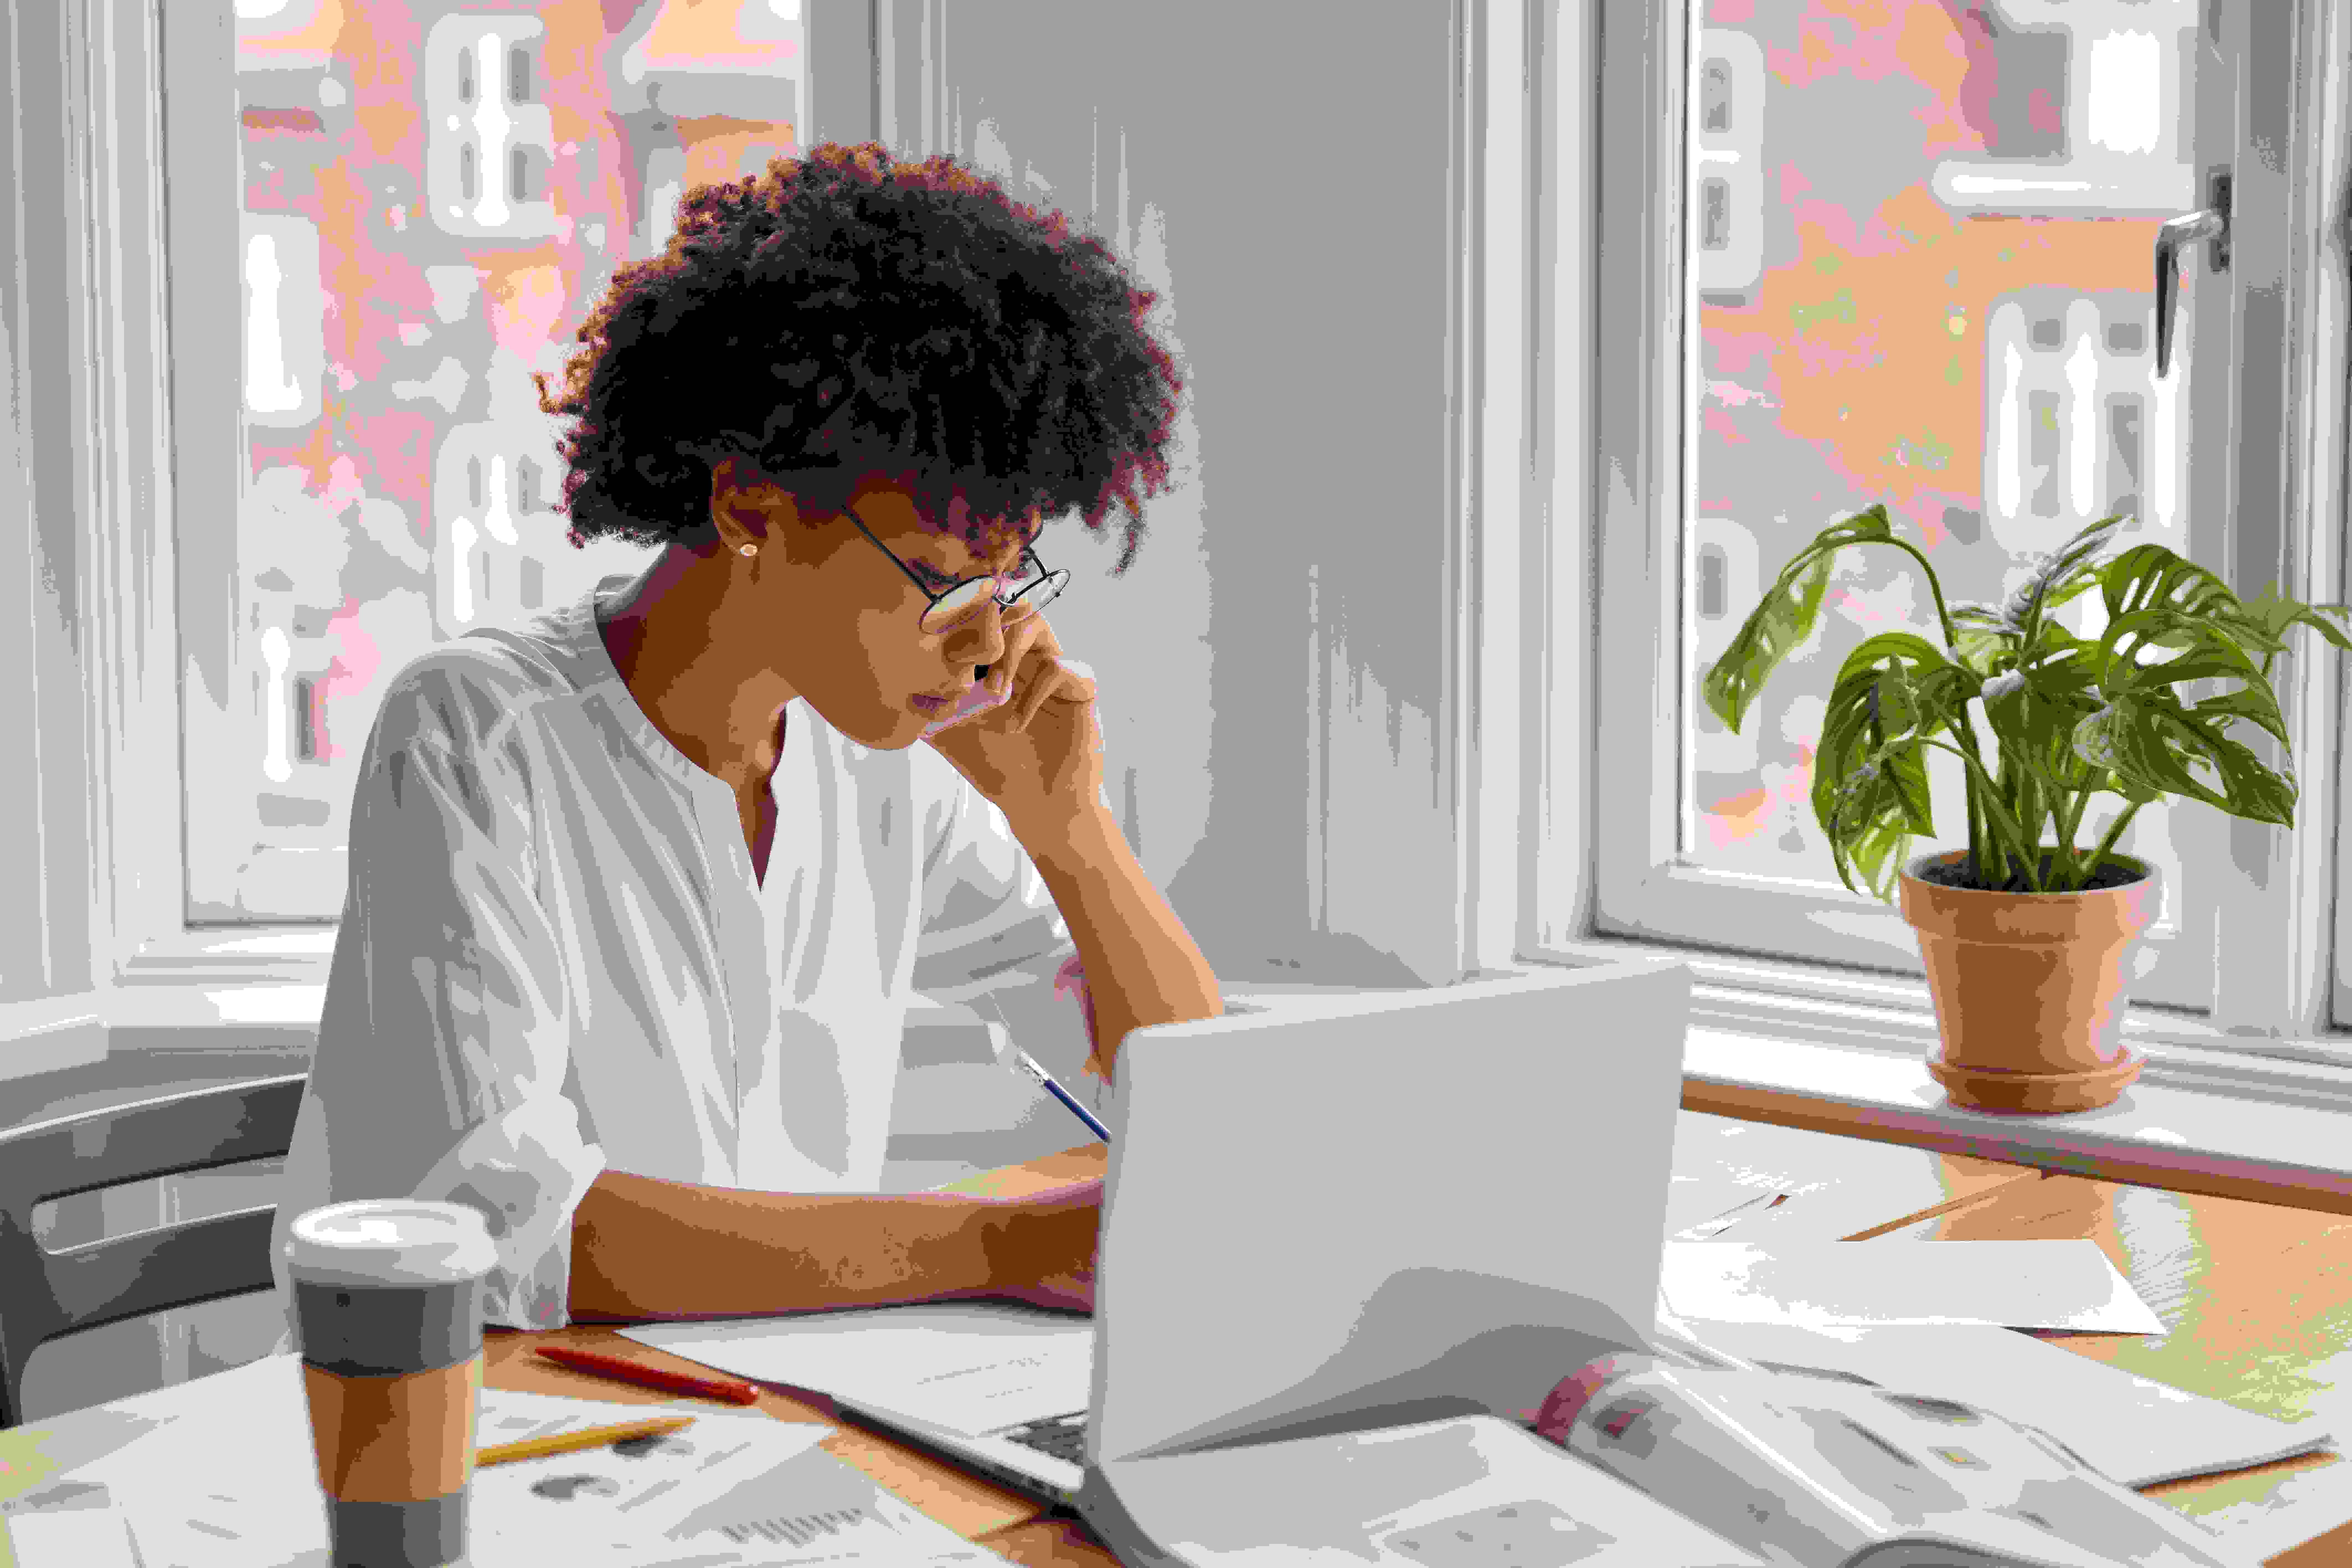 Mulher sentada de frente a um notebook branco, falando ao telefone e fazendo anotações sobre contrato social MEI